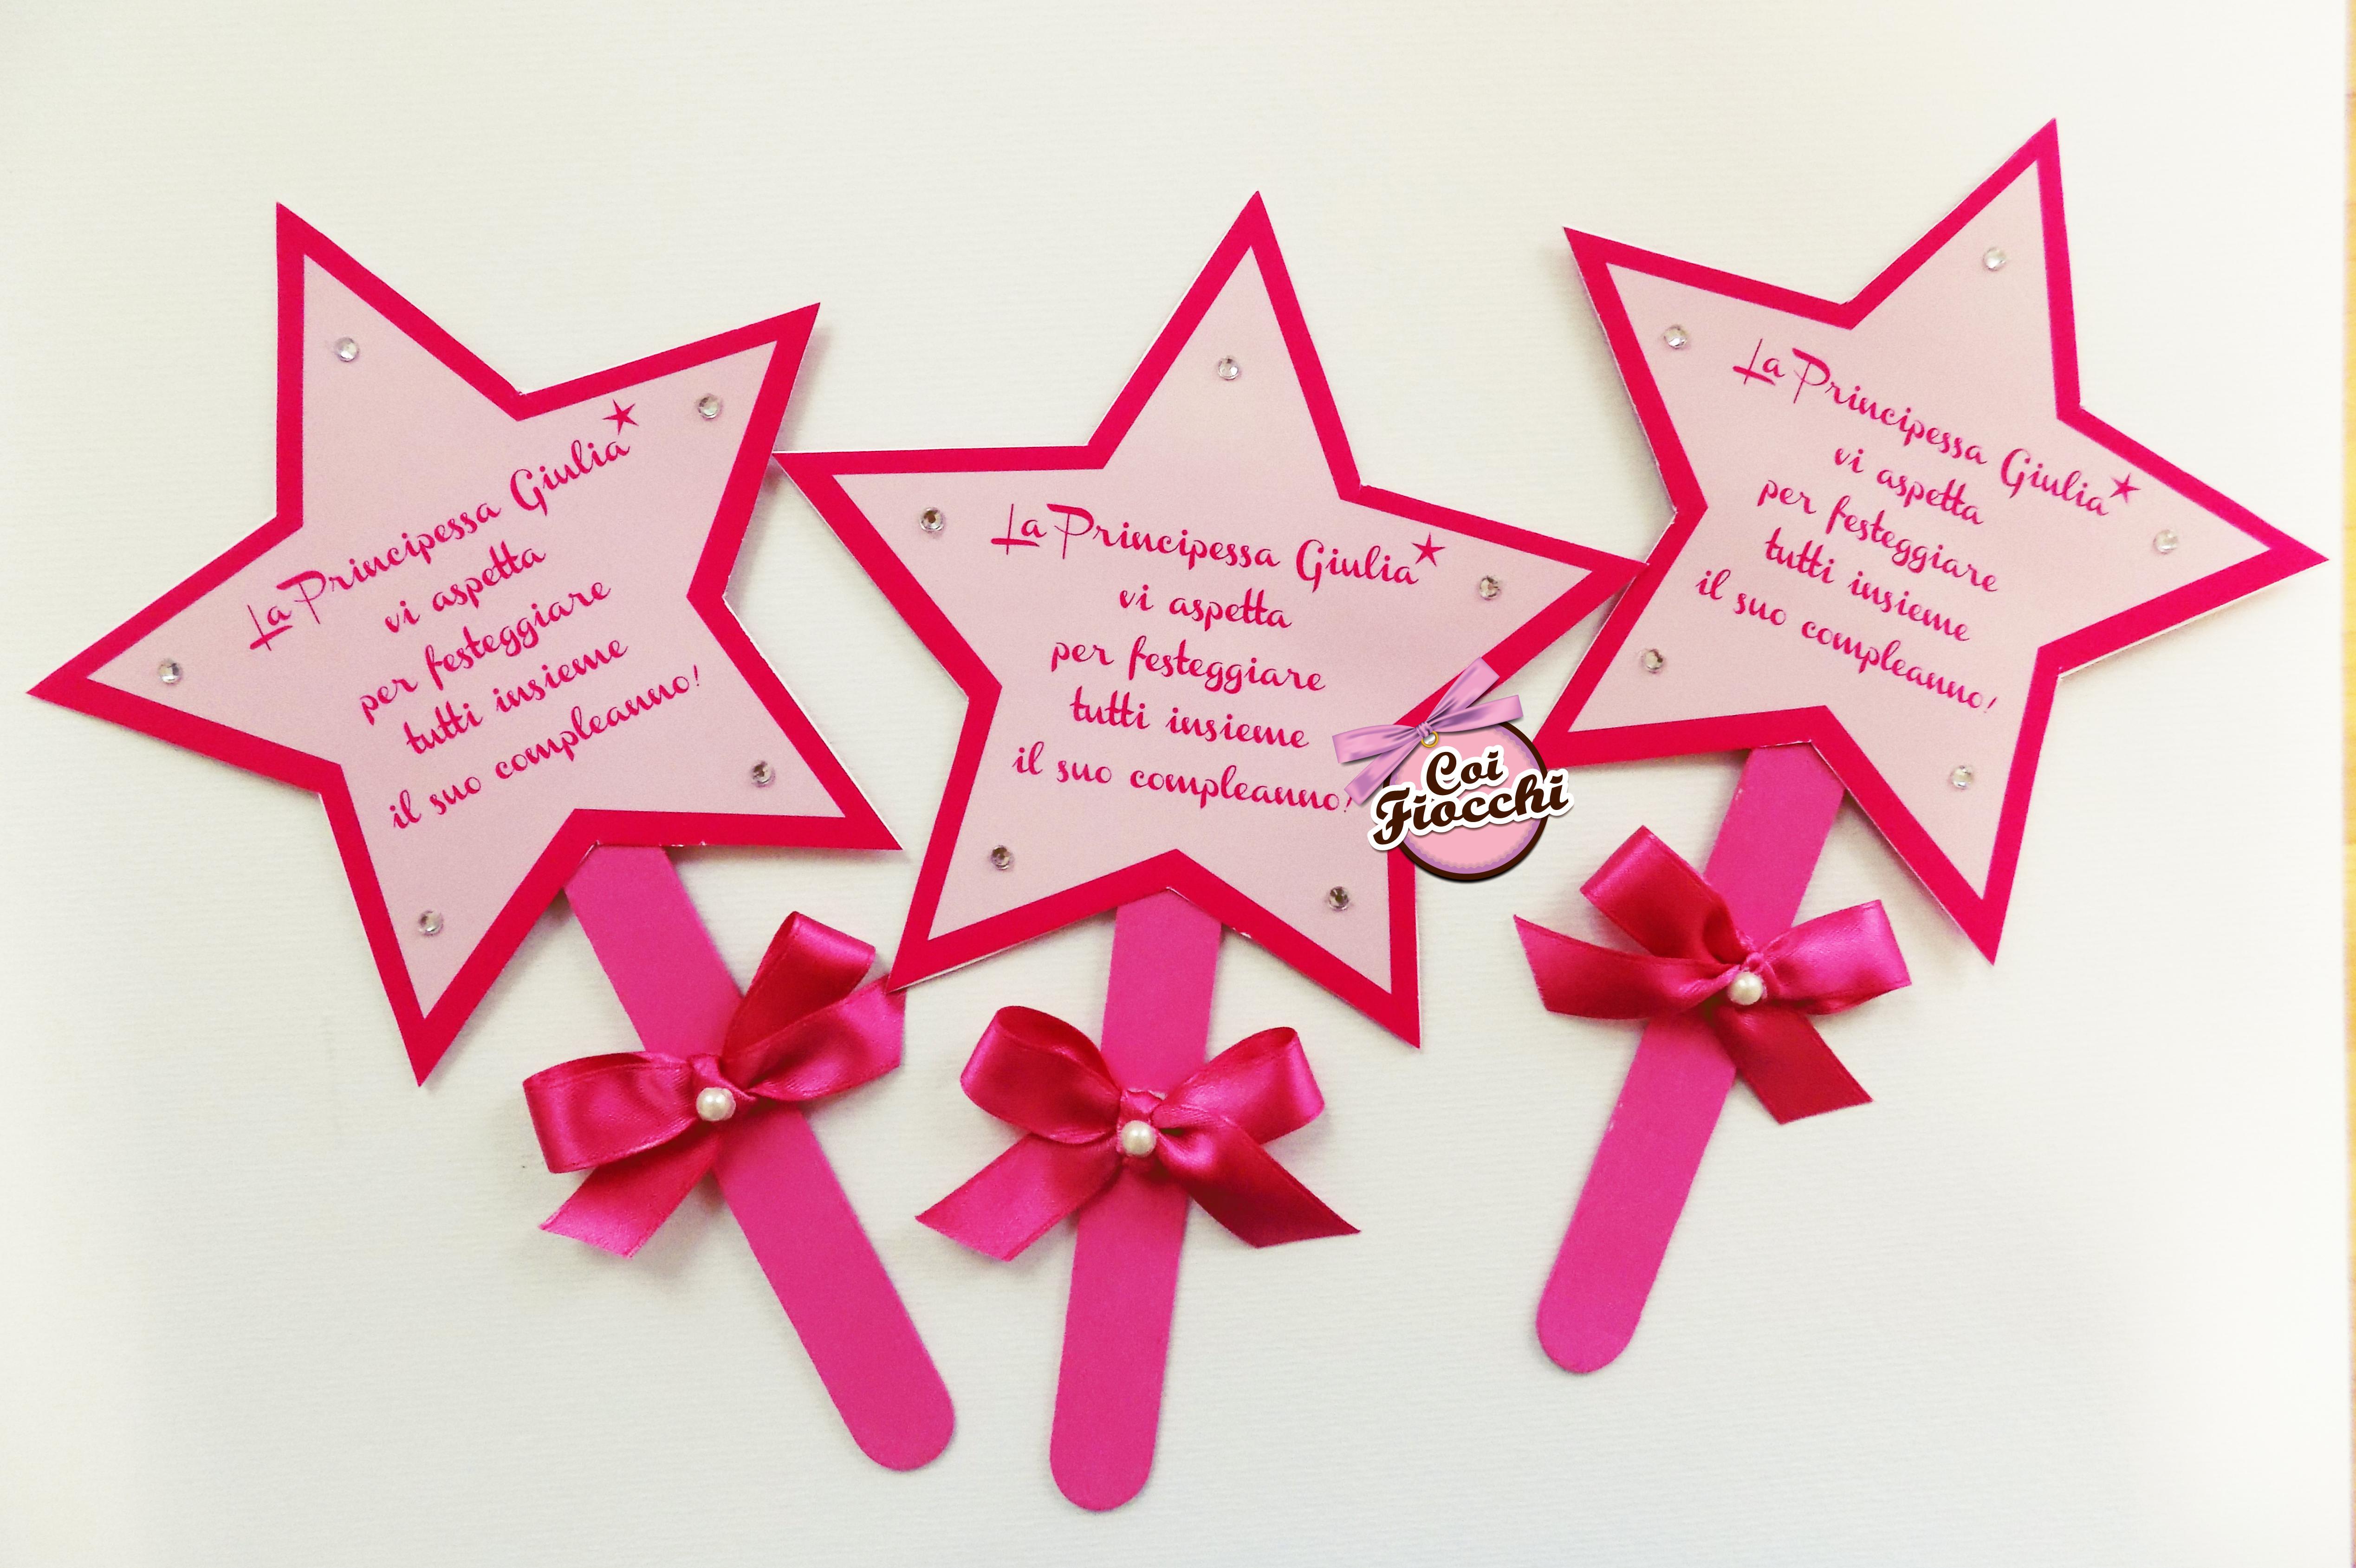 inviti-primo-compleanno-personalizzati-bimba-bacchetta-magica-con-stellina-coi-fiocchi-studio-grafico